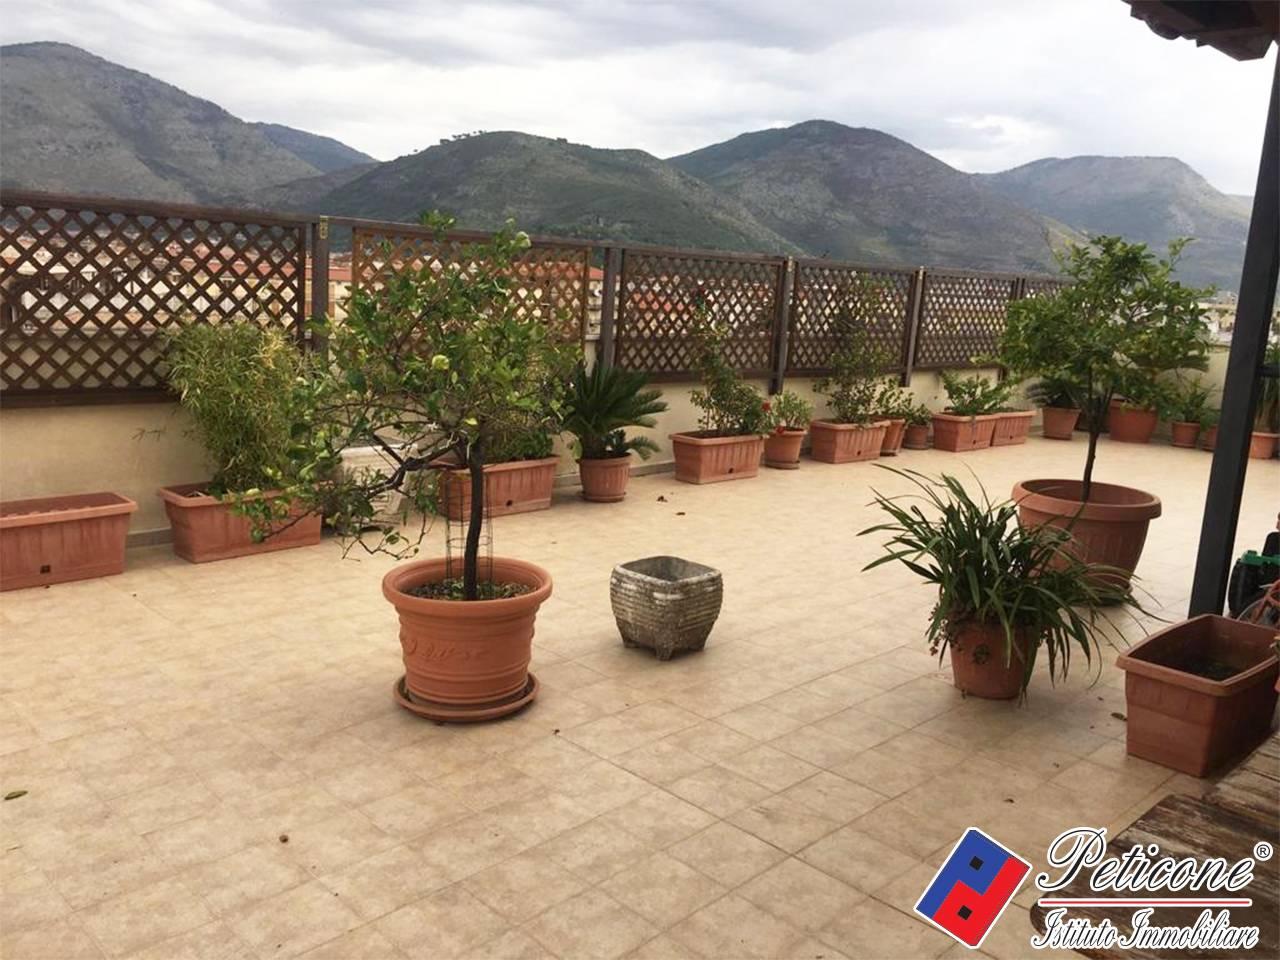 Appartamento in vendita a Fondi, 4 locali, zona Località: Semicentro, prezzo € 240.000   CambioCasa.it